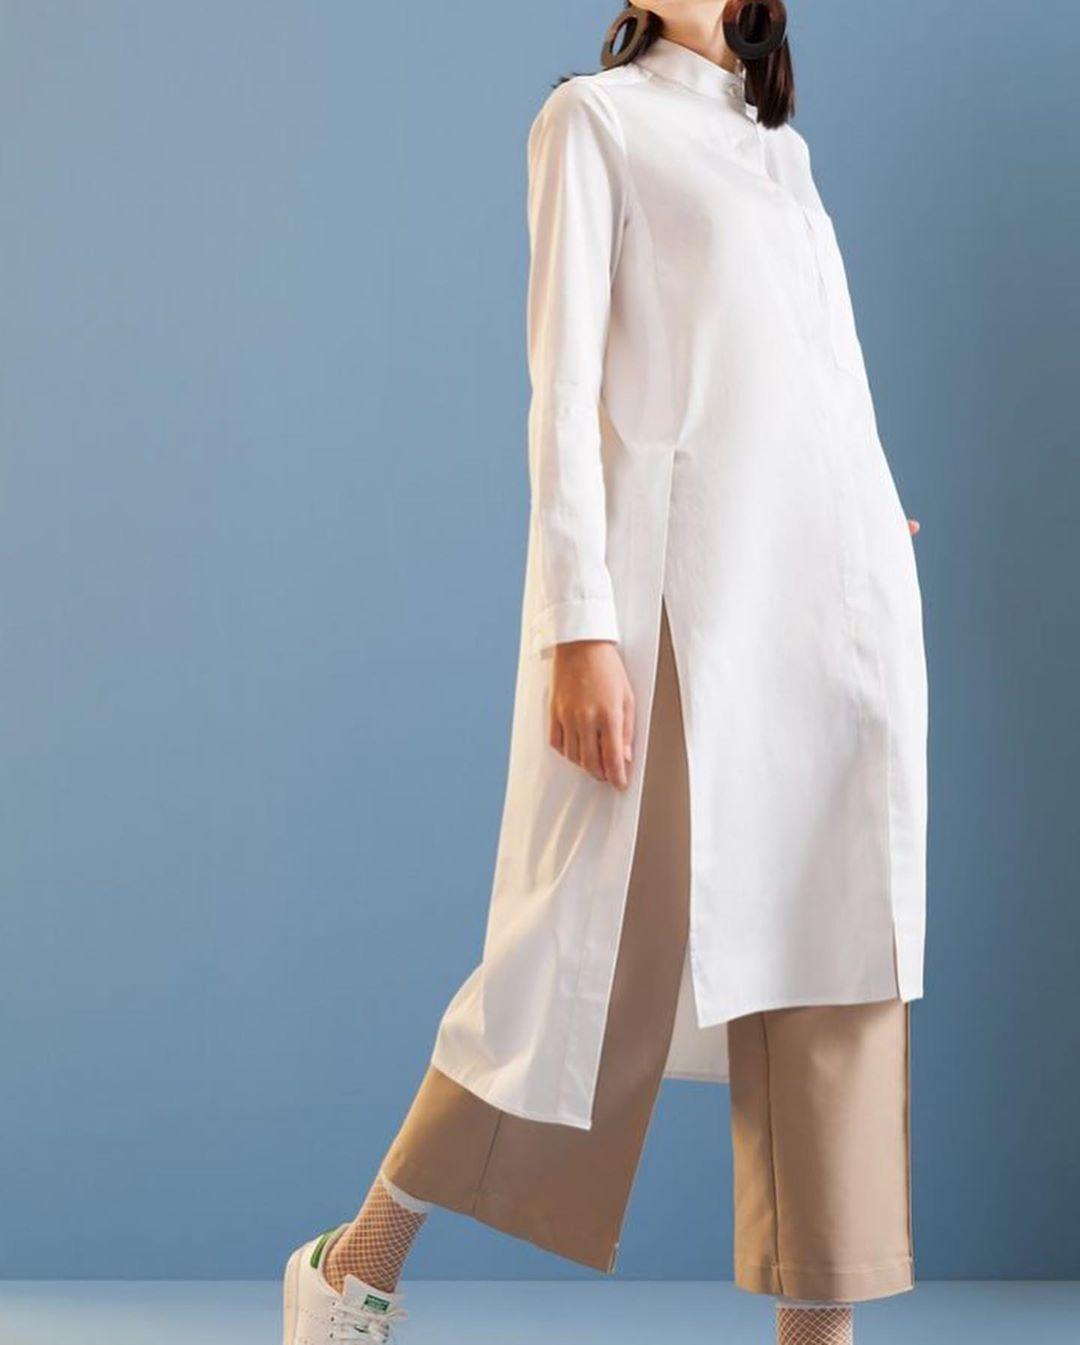 مدل مانتو تابستانی دخترانه ساده و بلند بسیار شیک با پارچه نخی و خنک